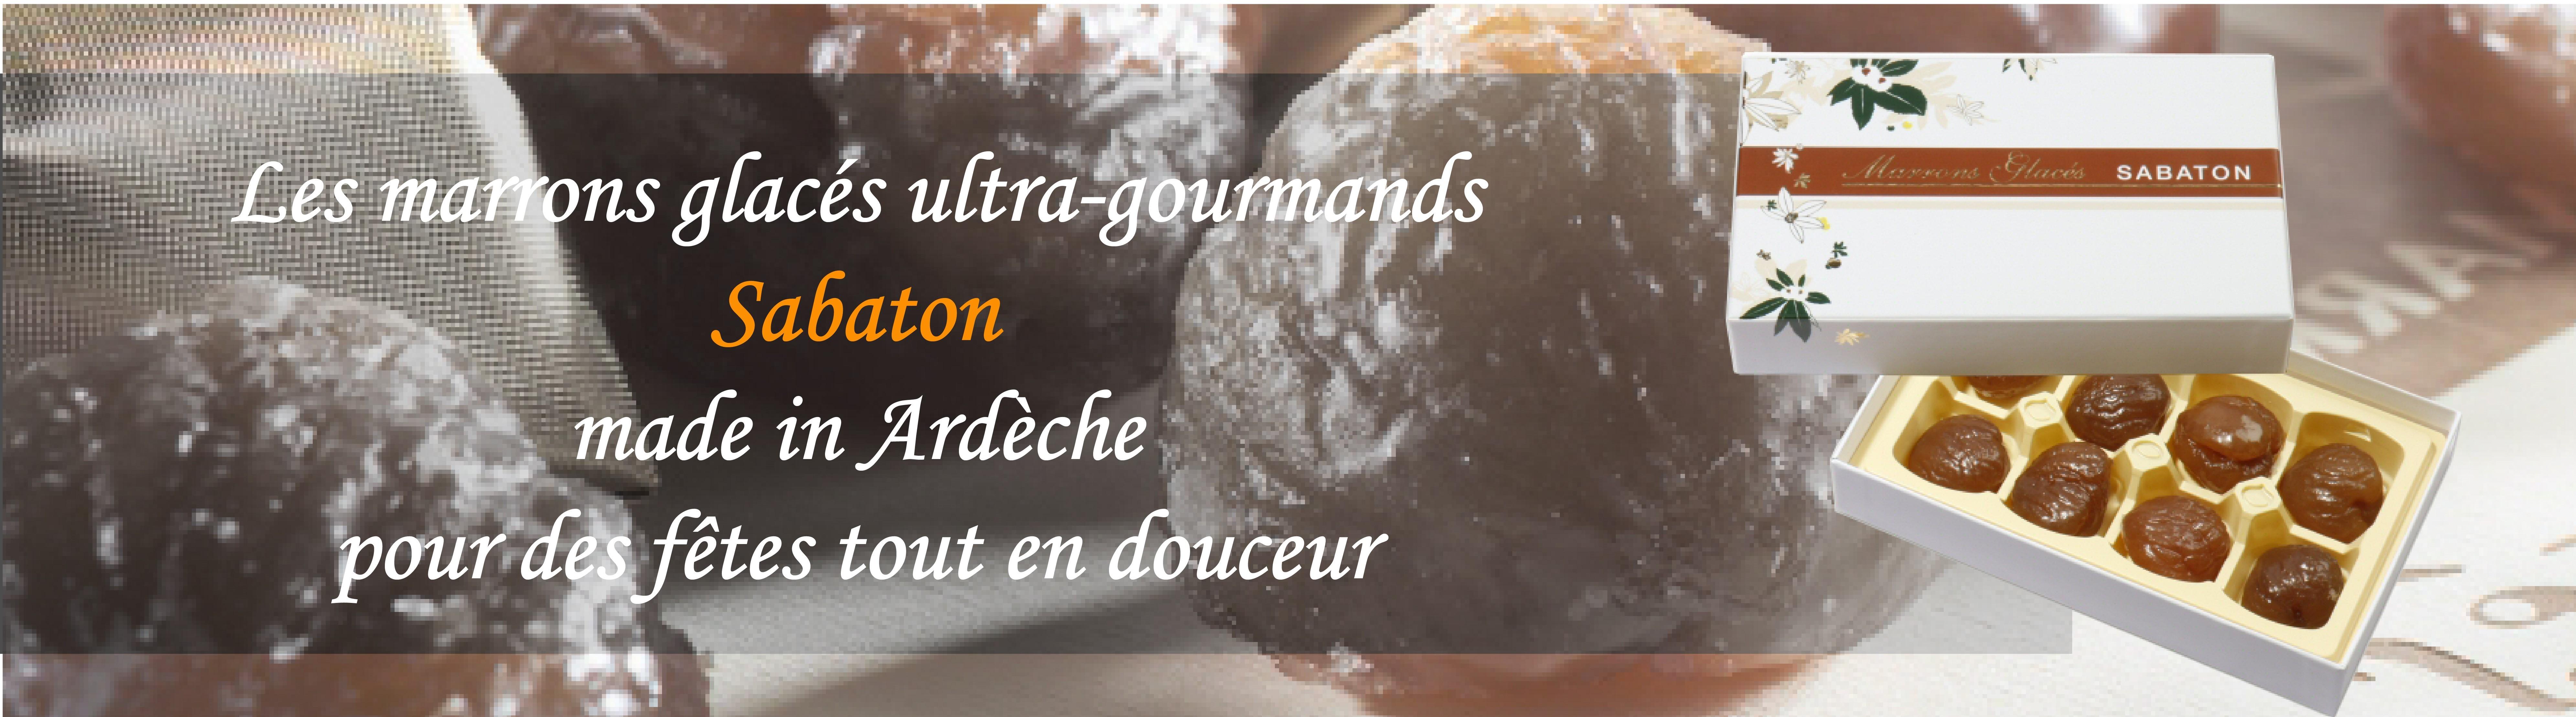 Pour les fêtes de fin d'année, misez sur les marrons glacés SABATON chez Mirvine